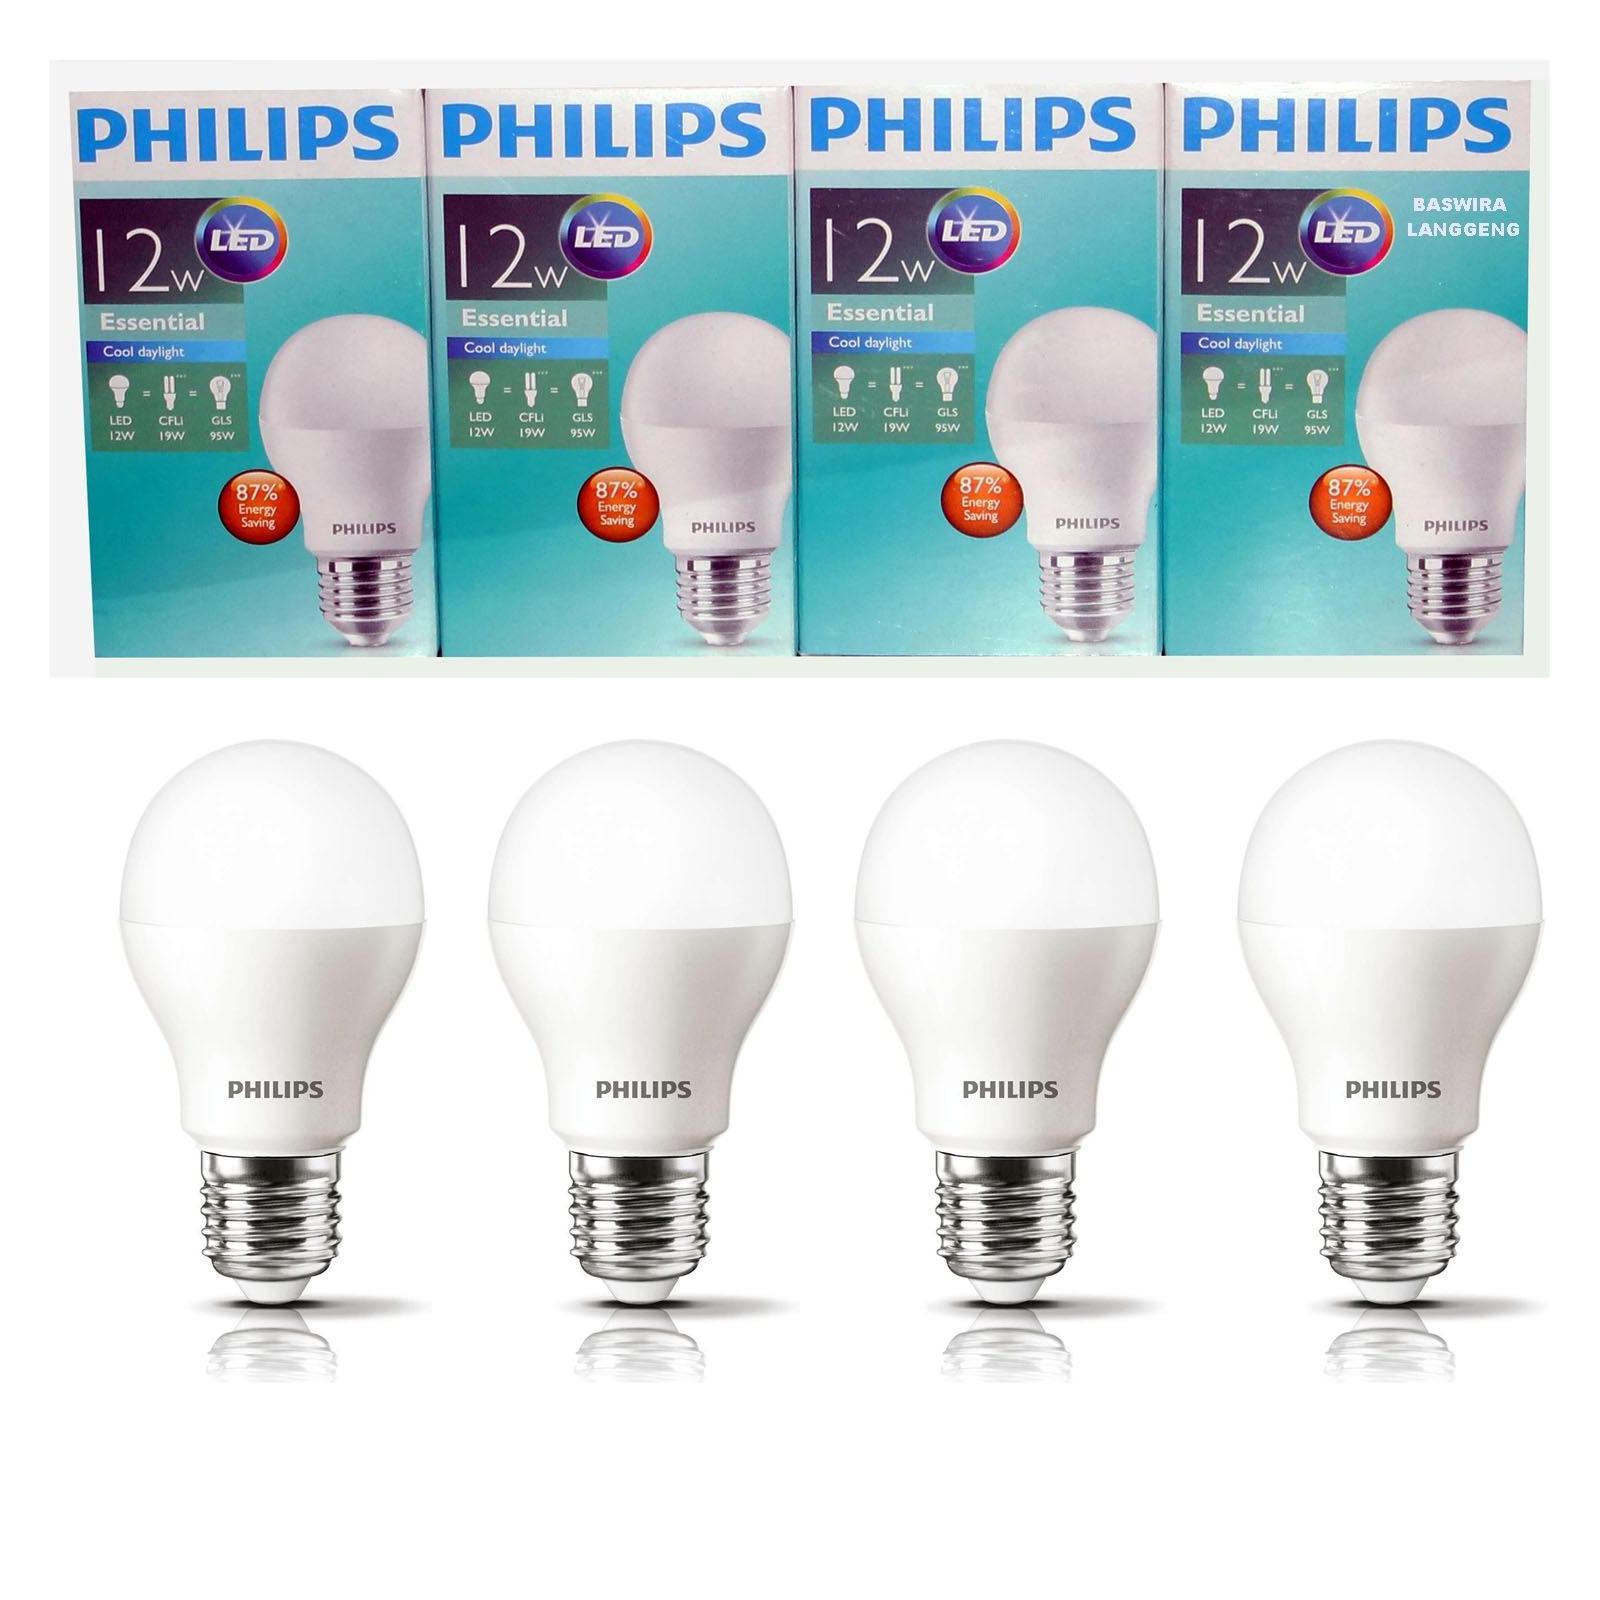 PHILIPS Lampu Led Bulb Essential 12W 12WAtt 12 W 12 Wat Paket (4 Pcs) PUTIH